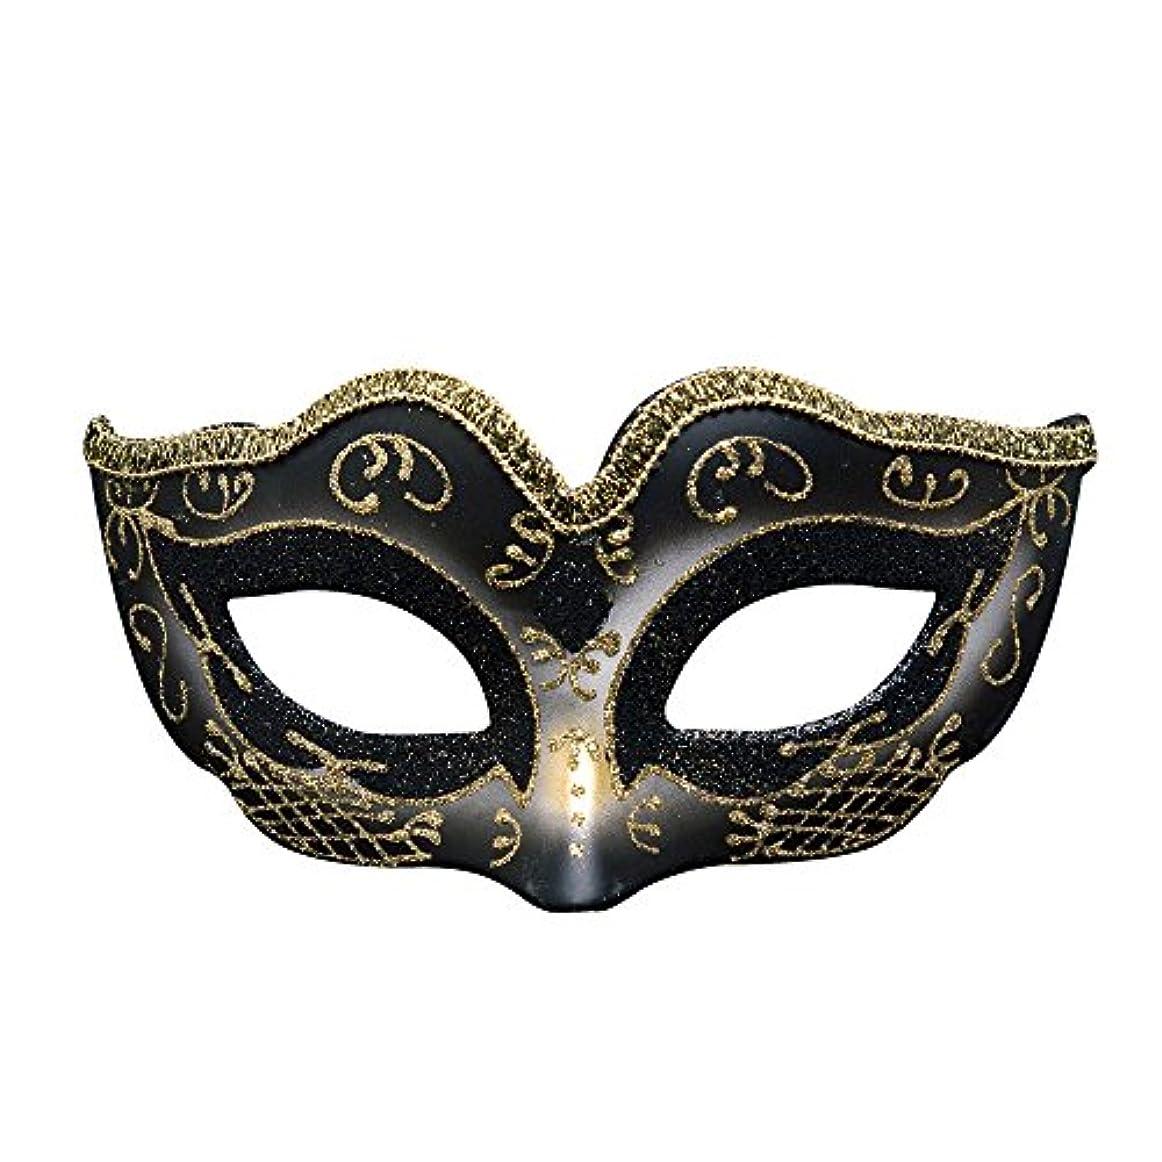 名詞抵抗力がある憂鬱なクリエイティブカスタム子供のなりすましパーティーハロウィーンマスククリスマス雰囲気マスク (Color : D)